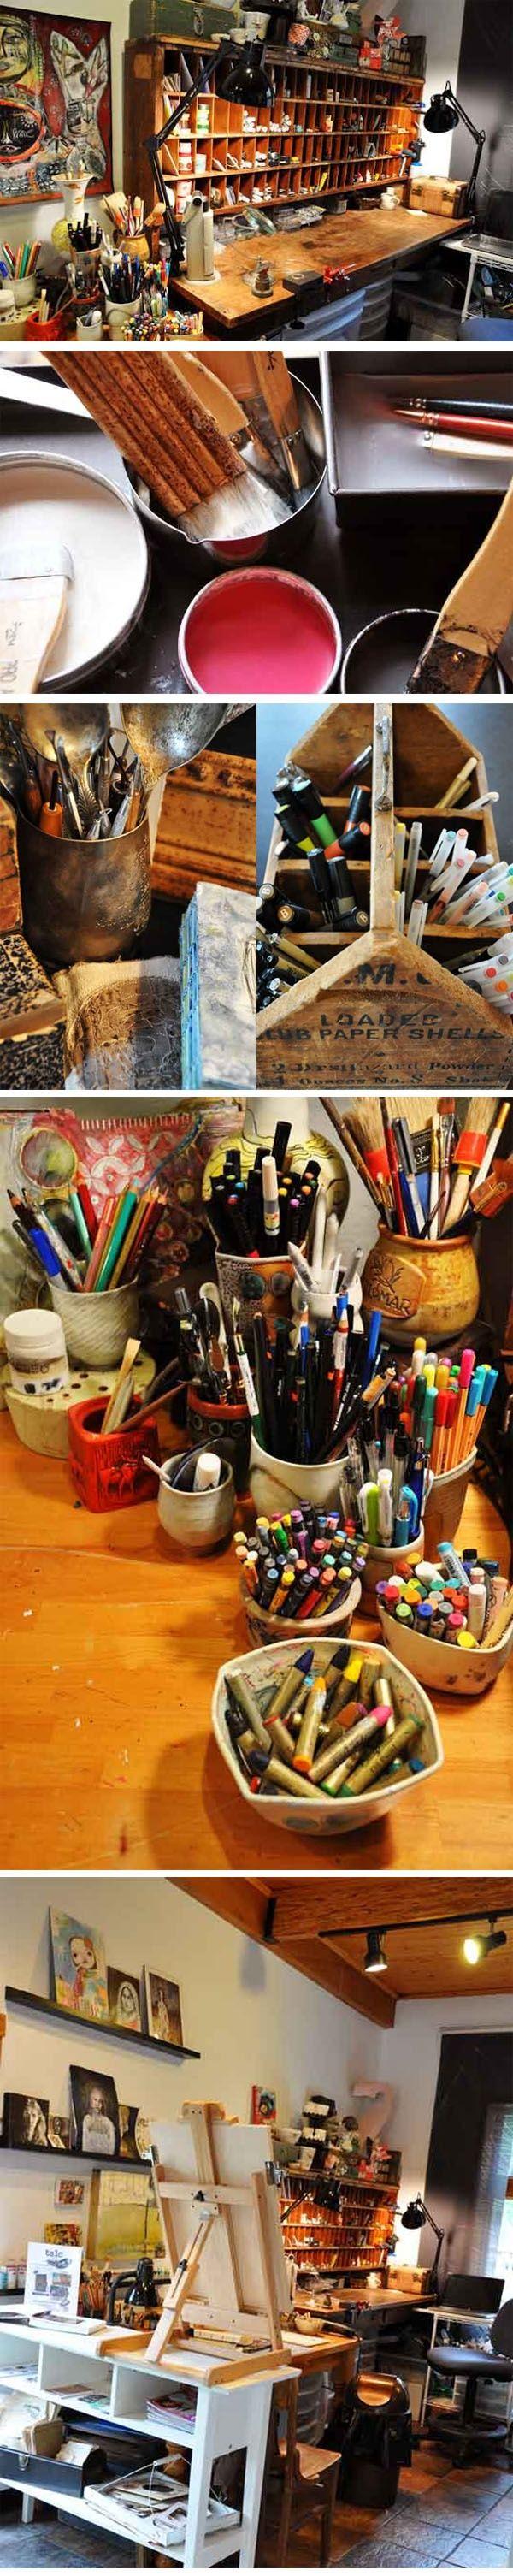 Incríveis espaços de trabalho para artistas | Mundo Gump